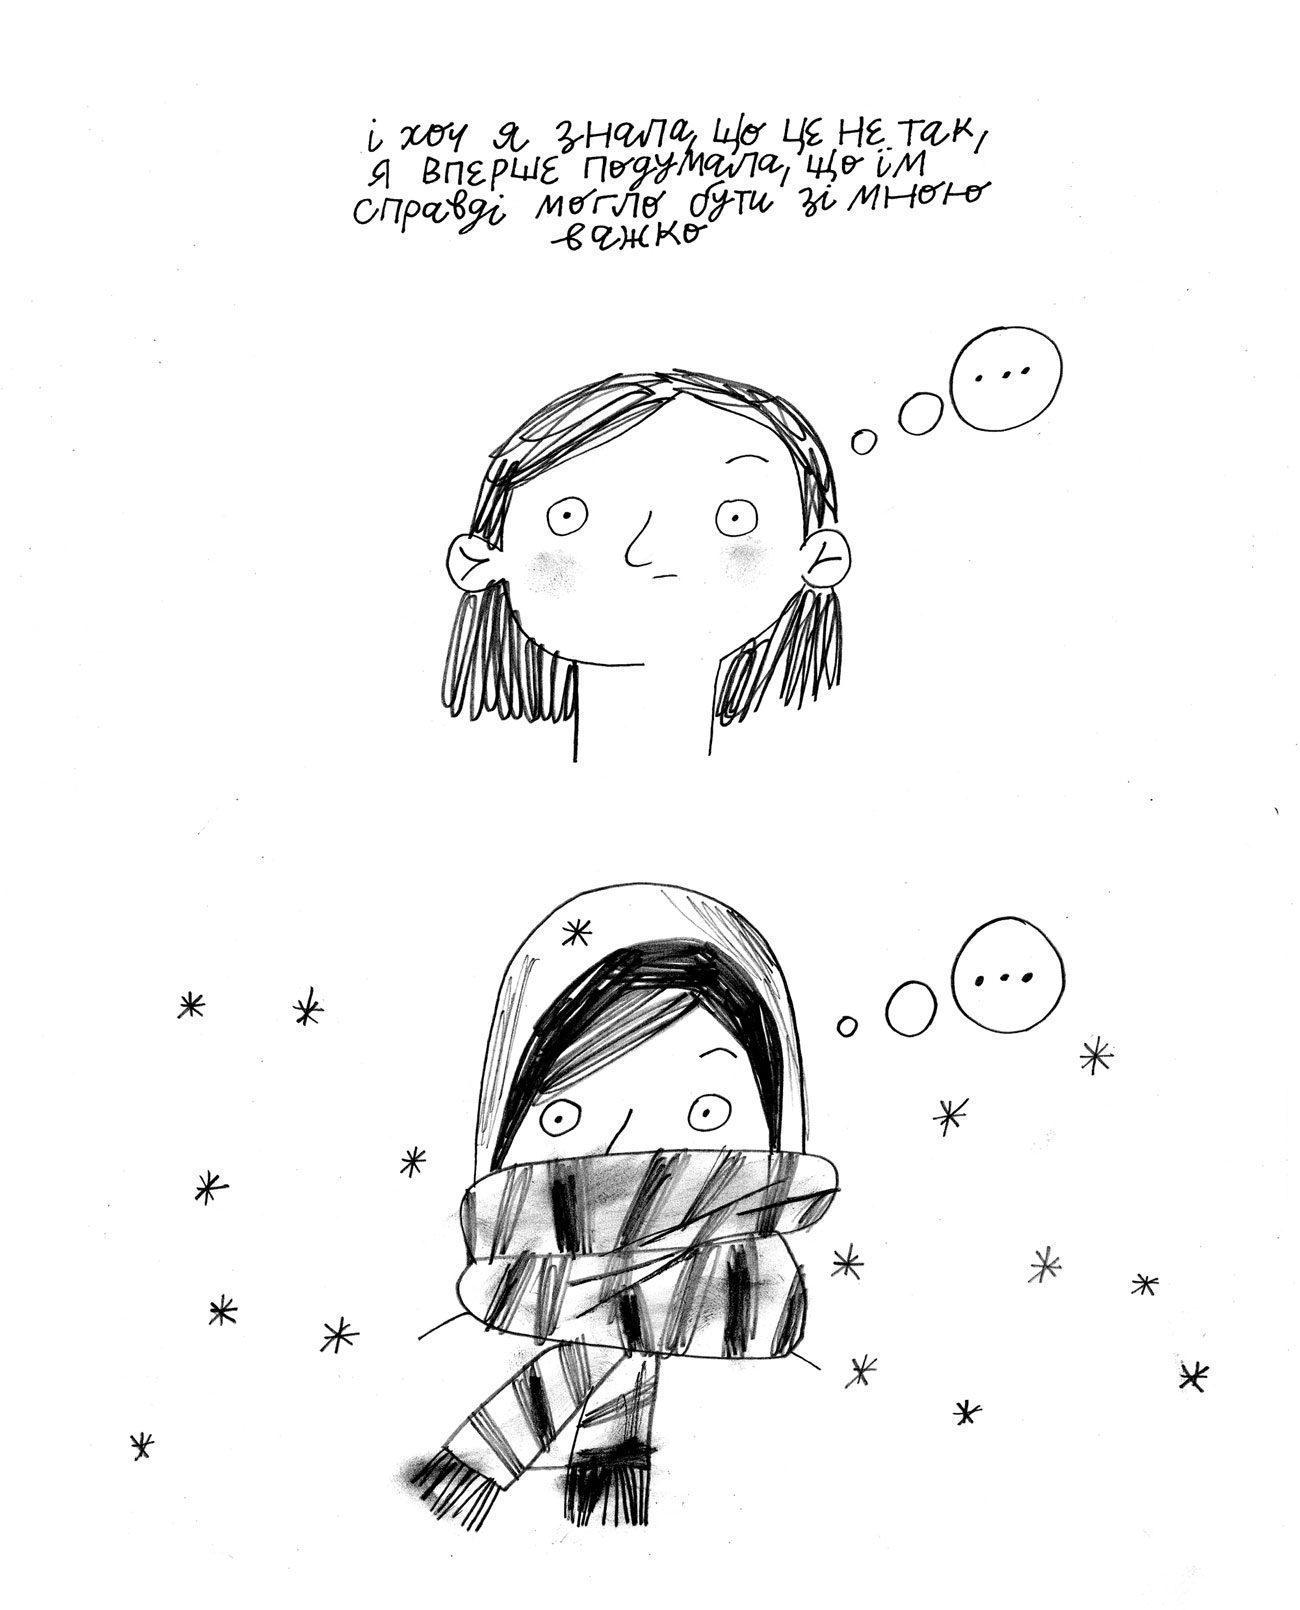 comics oliynik 05 1 - <b>Вам дісталася сумна дитина.</b> Комікс Жені Олійник про те, як депресія впливає на стосунки - Заборона